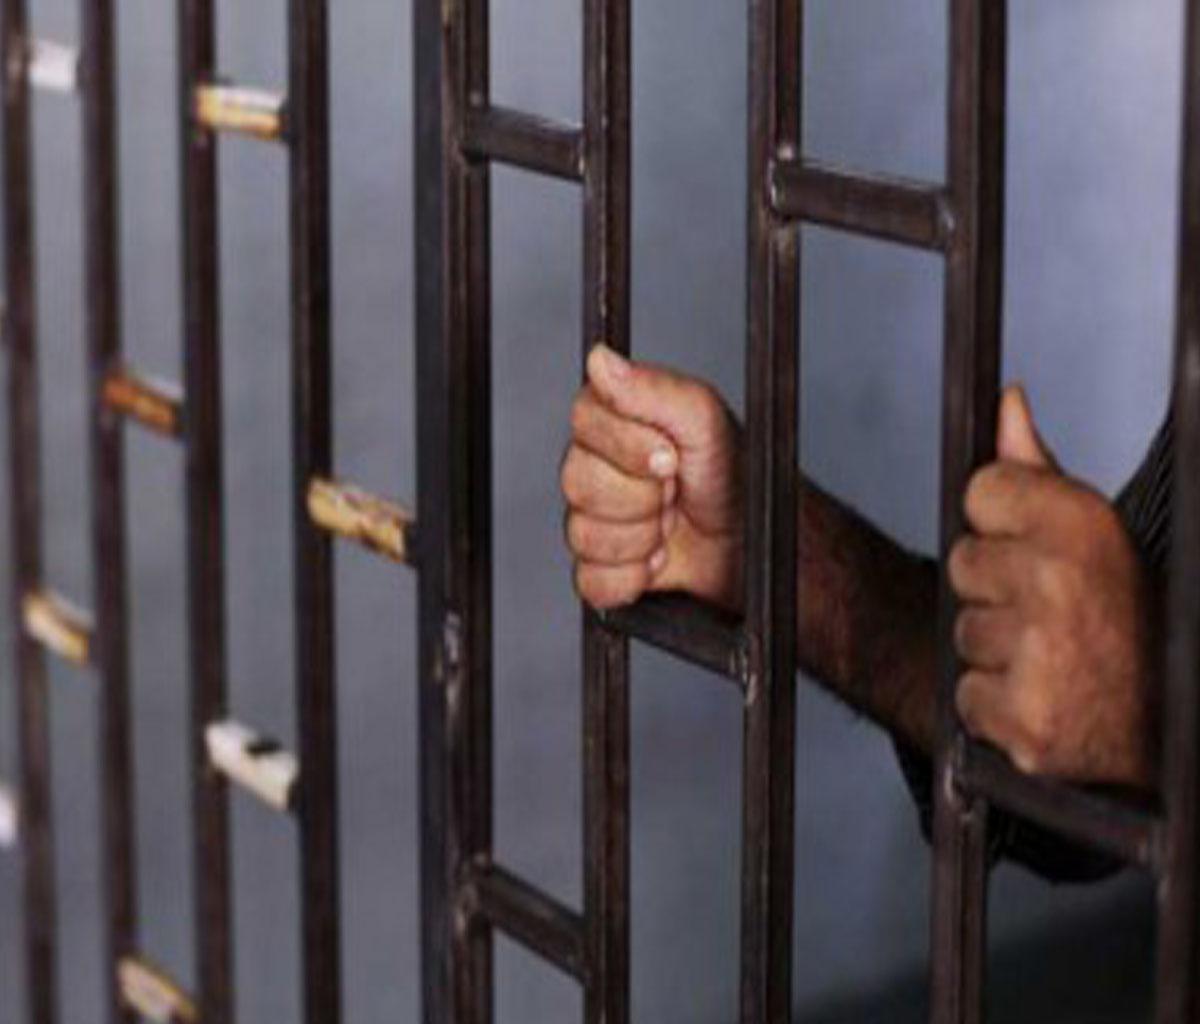 تفسير رؤية السجن في منام المراة الحامل